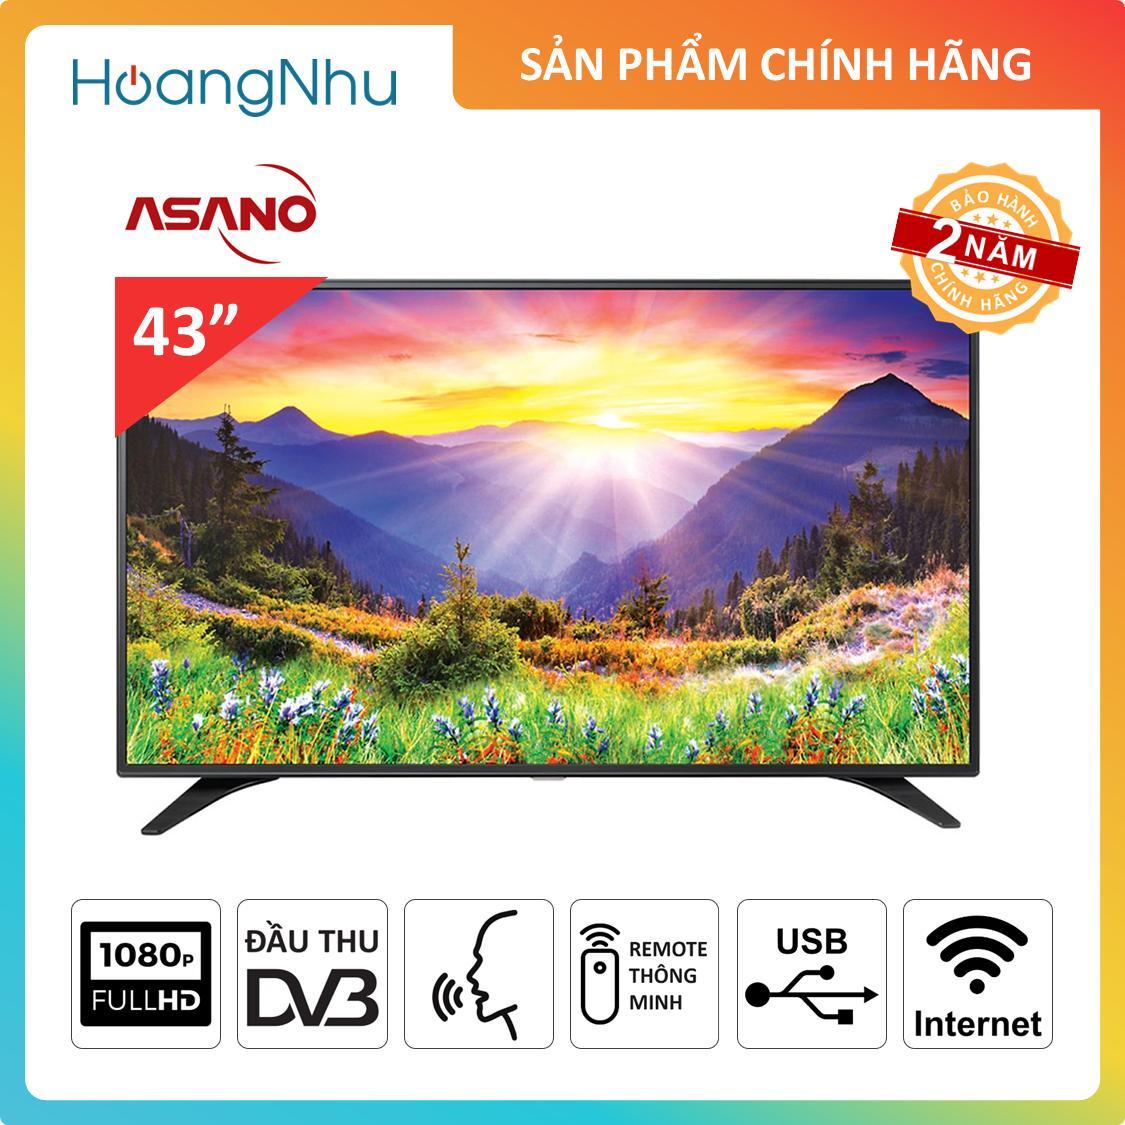 Bảng giá Smart Voice TV Asano 43 inch 43EK7 (Tivi thông minh, Full HD, Wifi, Điều khiển giọng nói, Tích hợp truyền hình KTS) - Bảo hành 2 năm